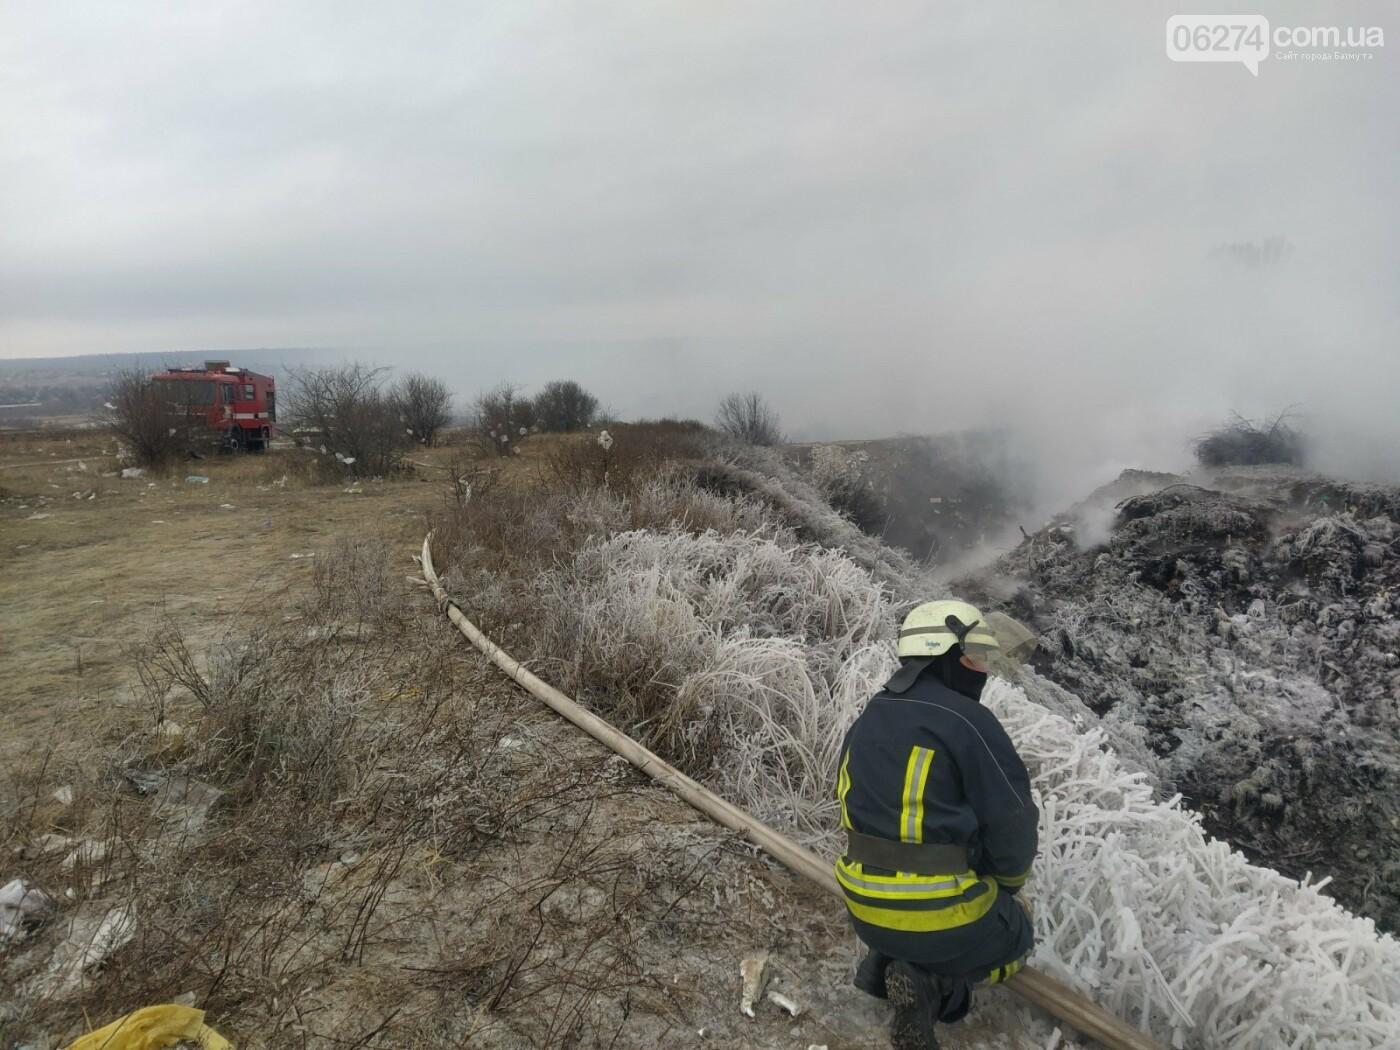 Спасатели ликвидируют пожар на полигоне вблизи г. Бахмут, фото-1